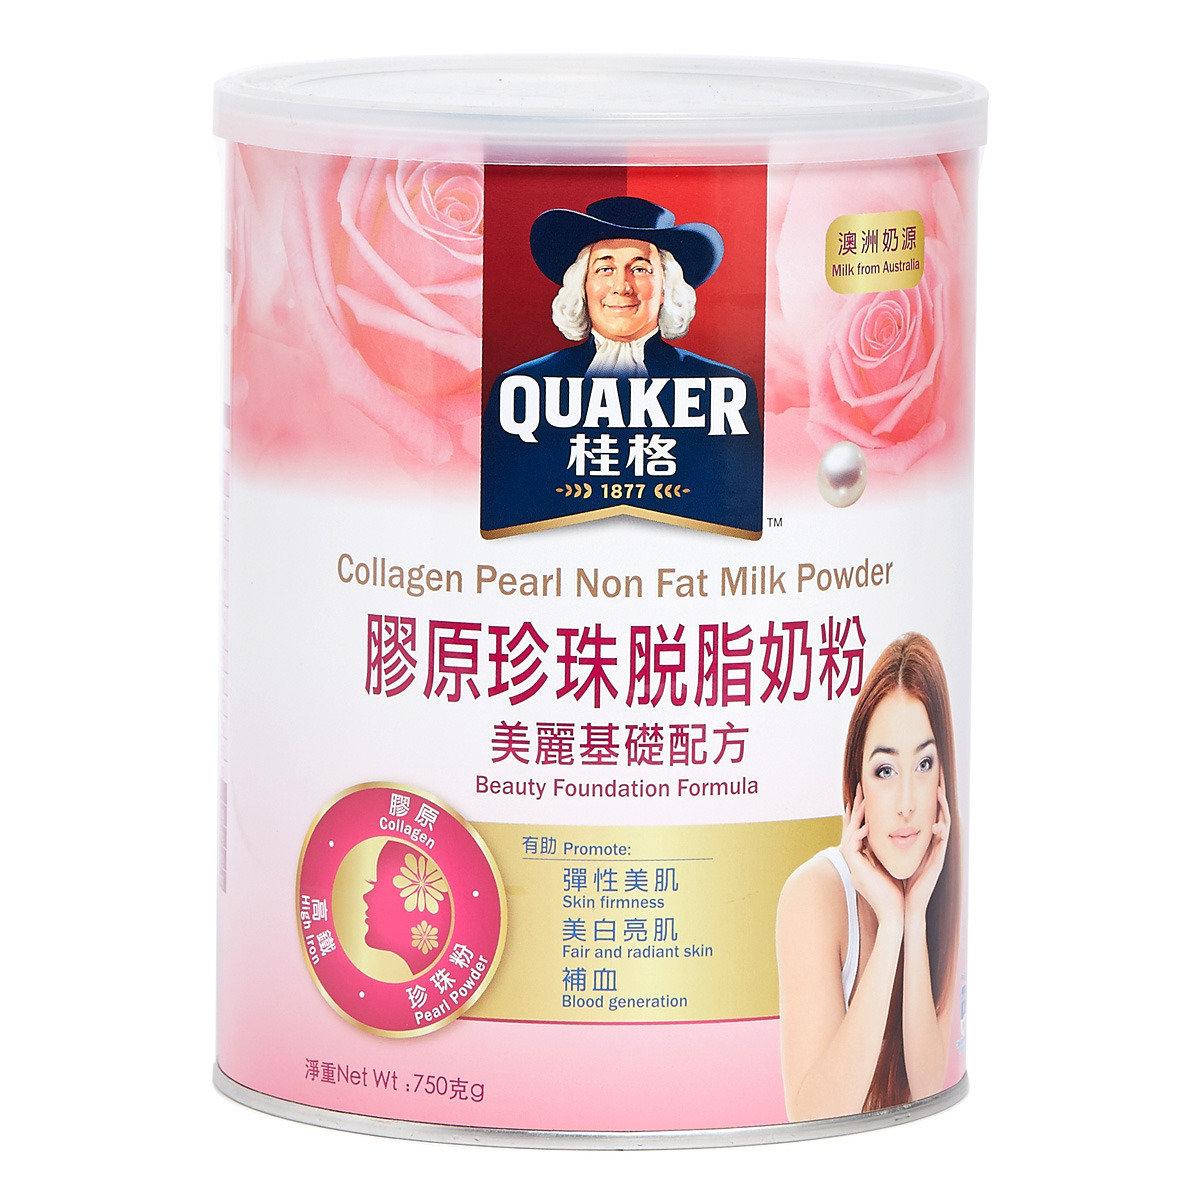 桂格膠原珍珠脫脂奶粉 - 美麗基礎配方